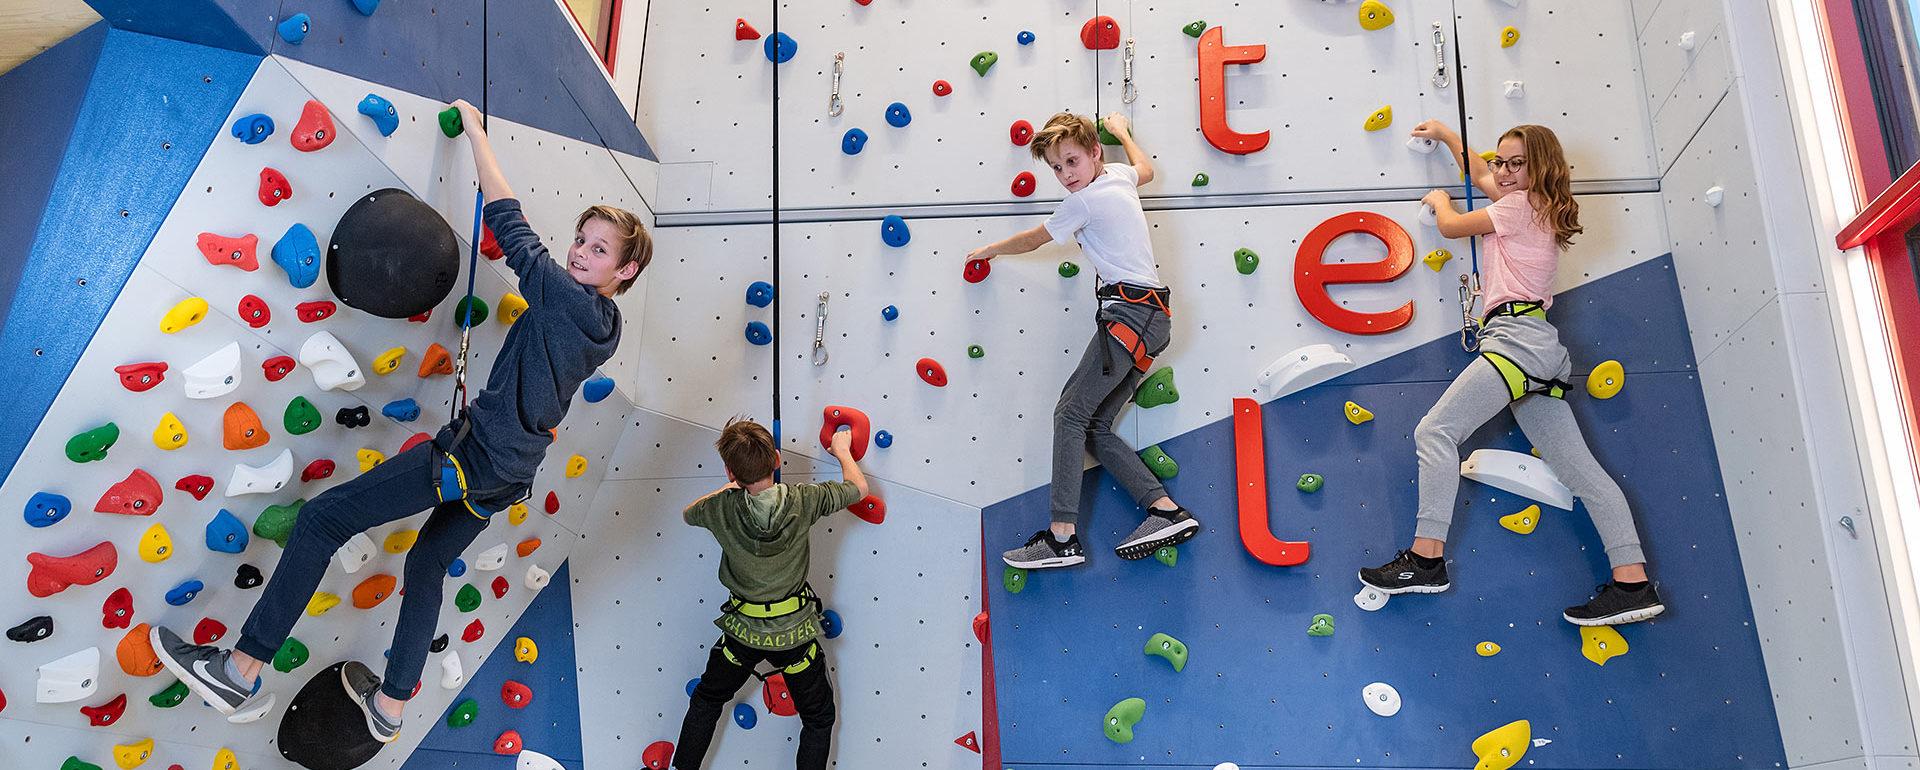 Kletterwand in der Kinder Erlebniswelt Familienurlaub 1